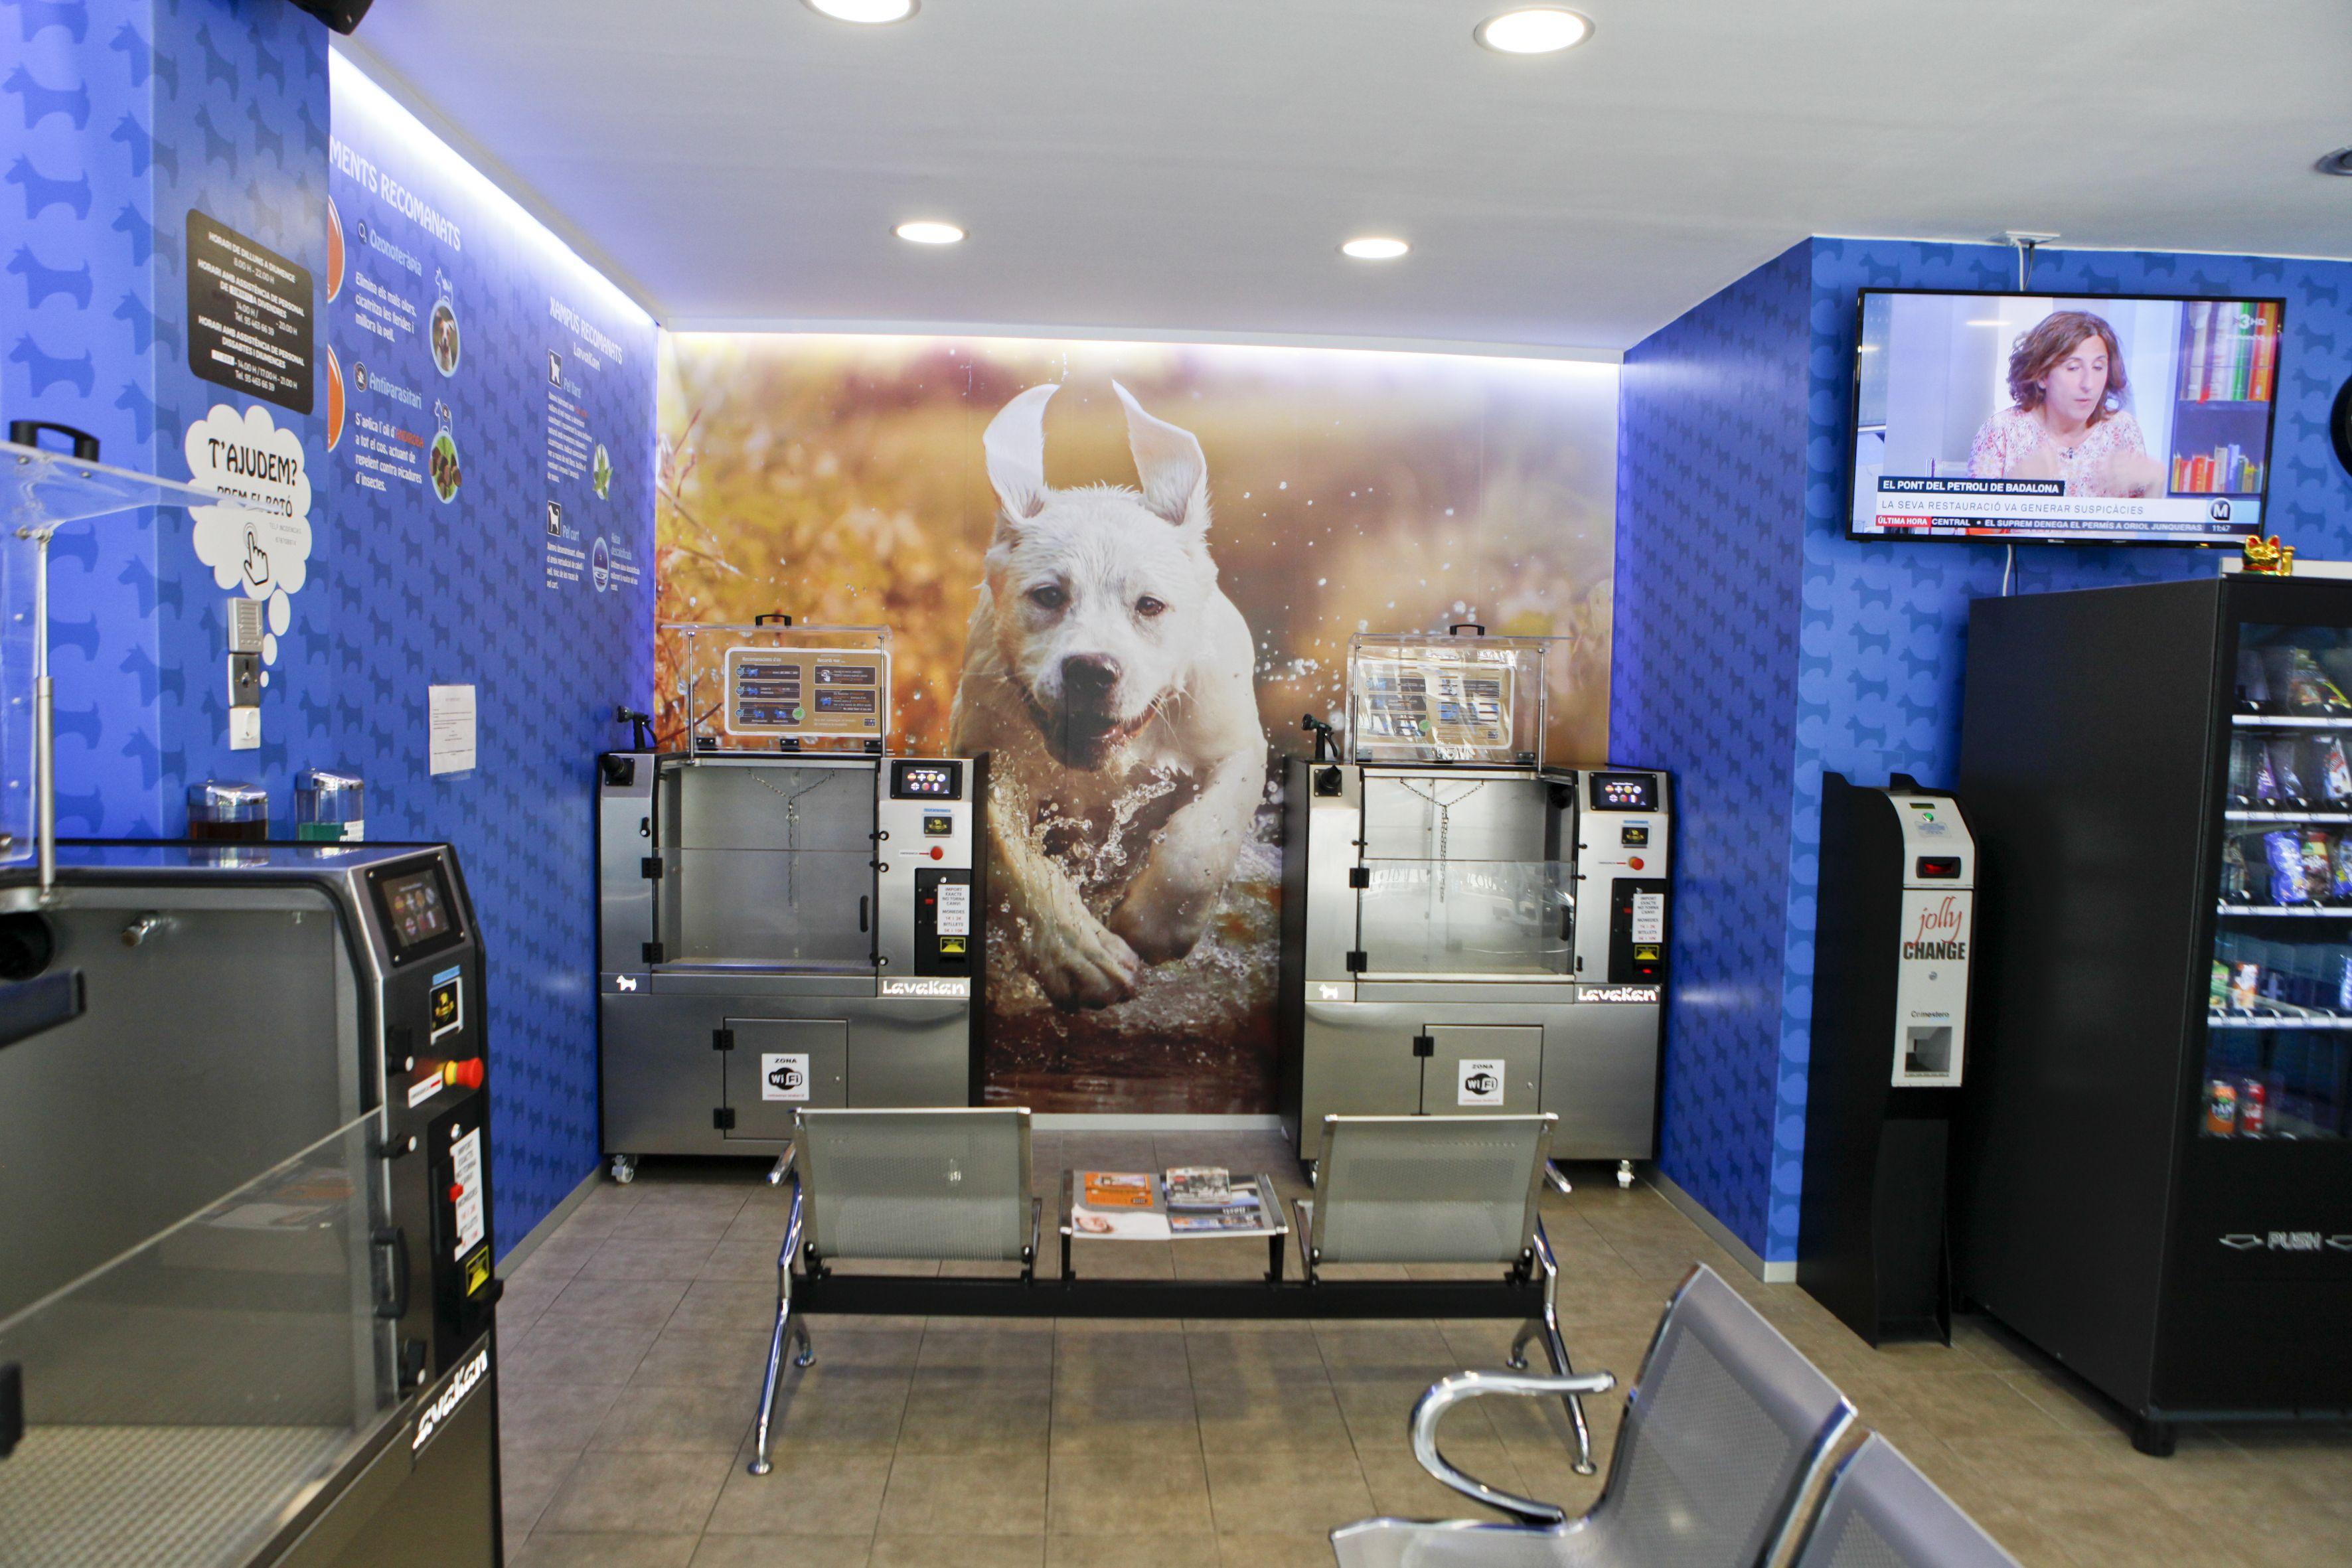 Disposen de diverses màquines on pots netejar la teva mascota FOTO: Bernat Millet